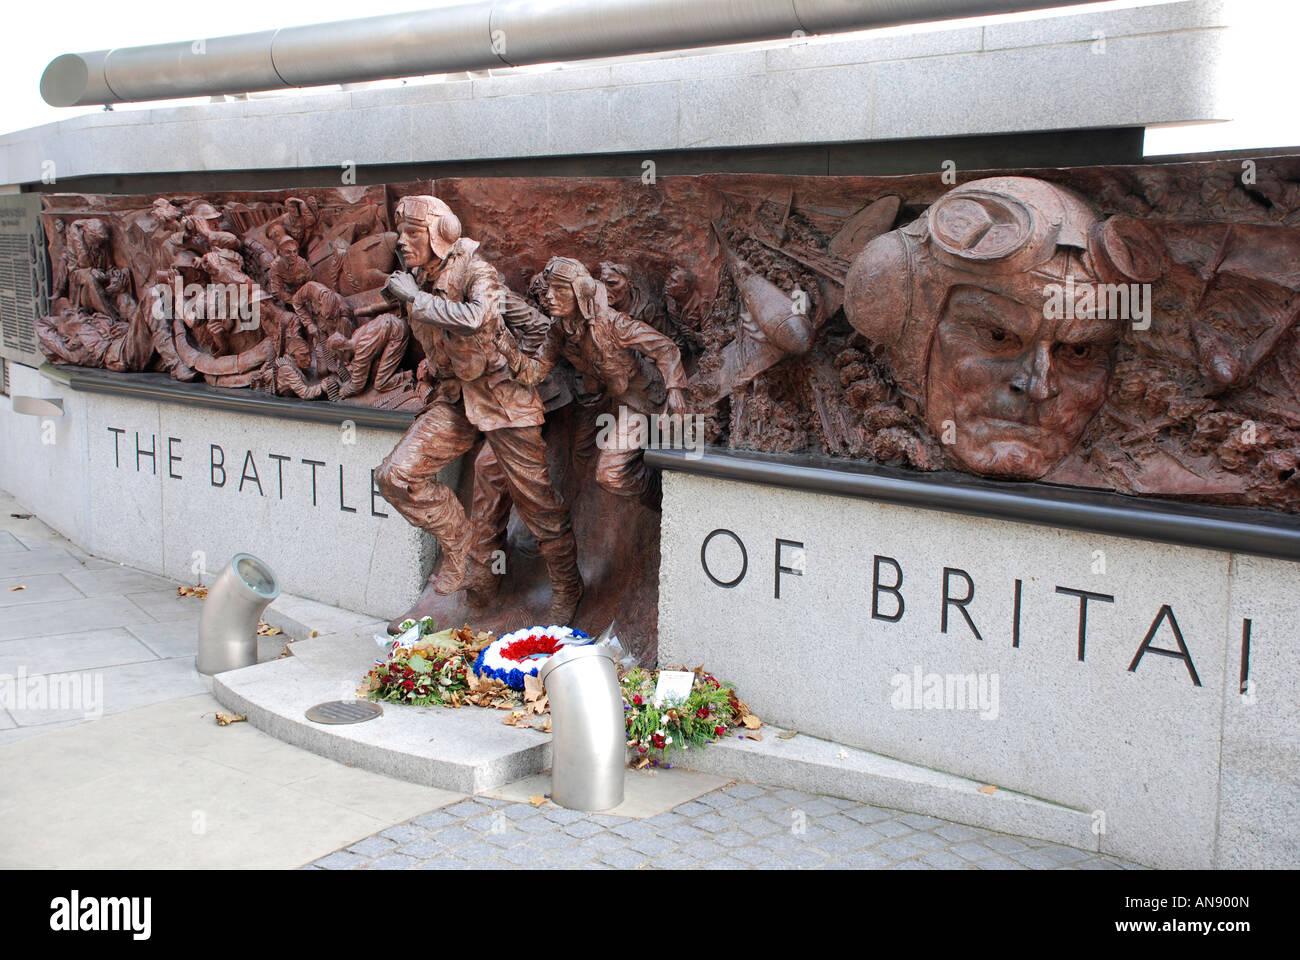 Battle of Britain memorial statue, London - Stock Image